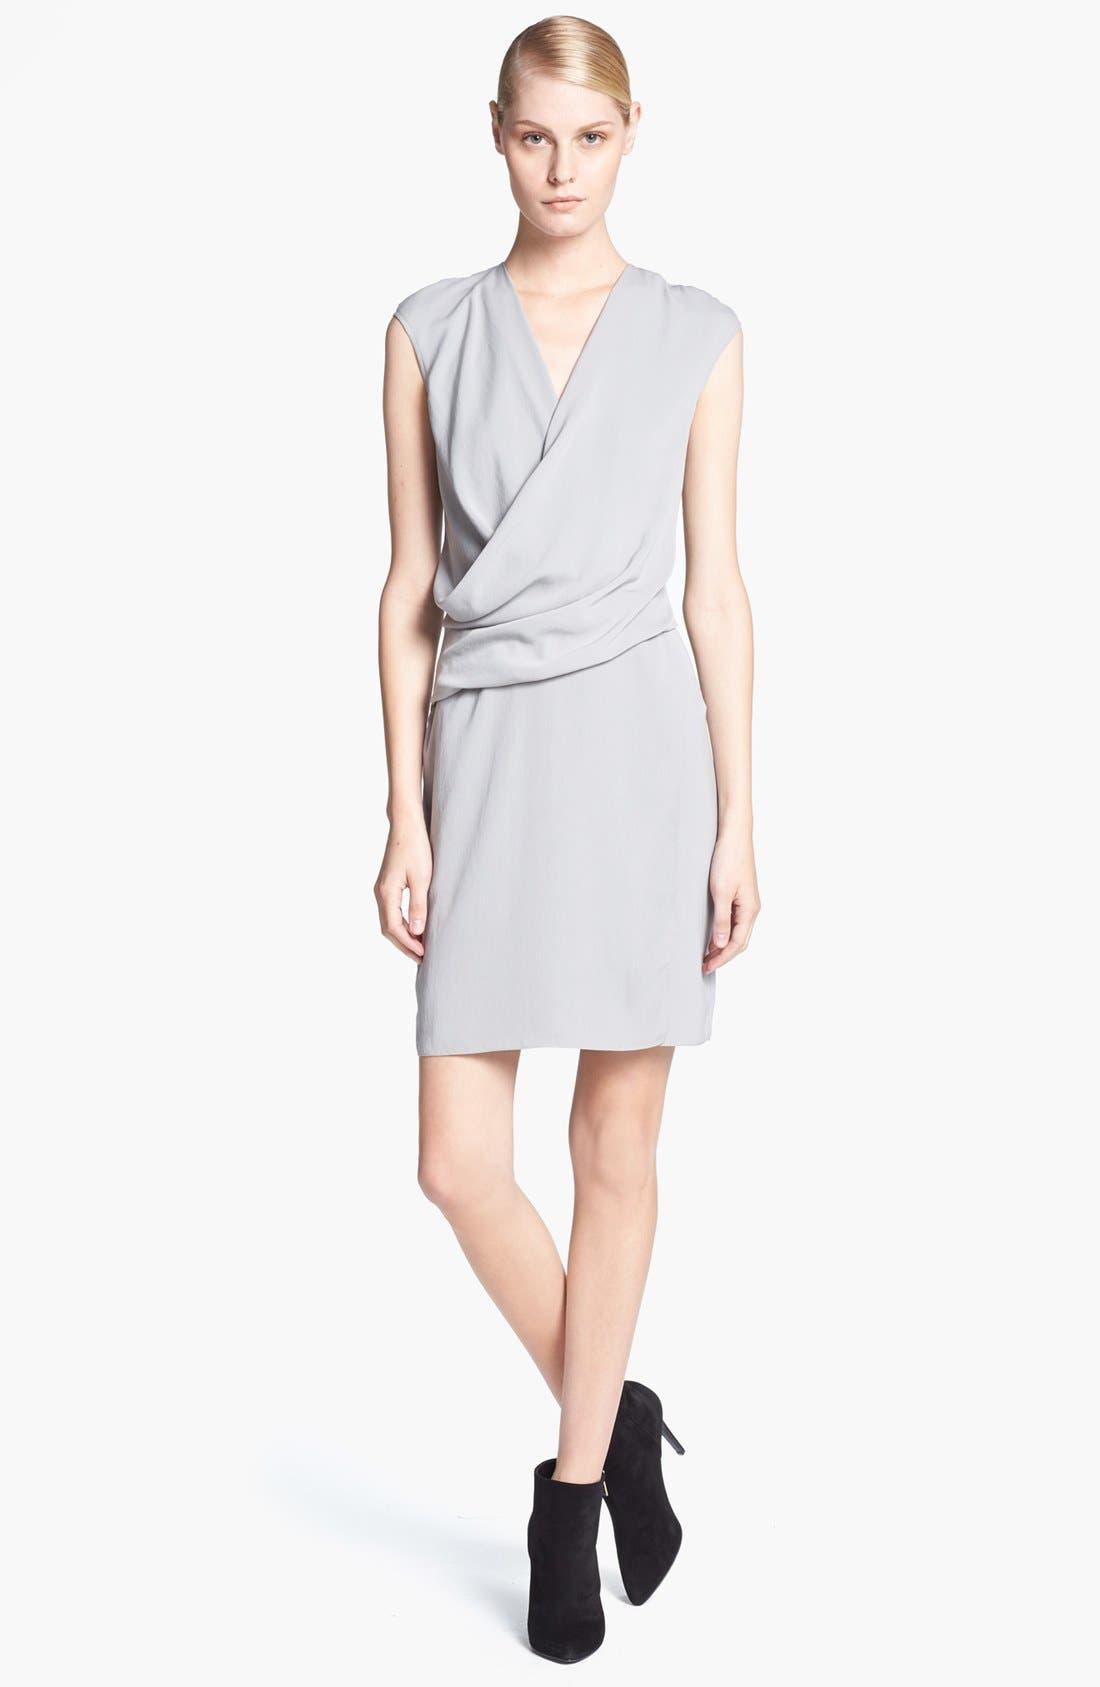 Alternate Image 1 Selected - HELMUT Helmut Lang 'Nexa' Overlap Dress